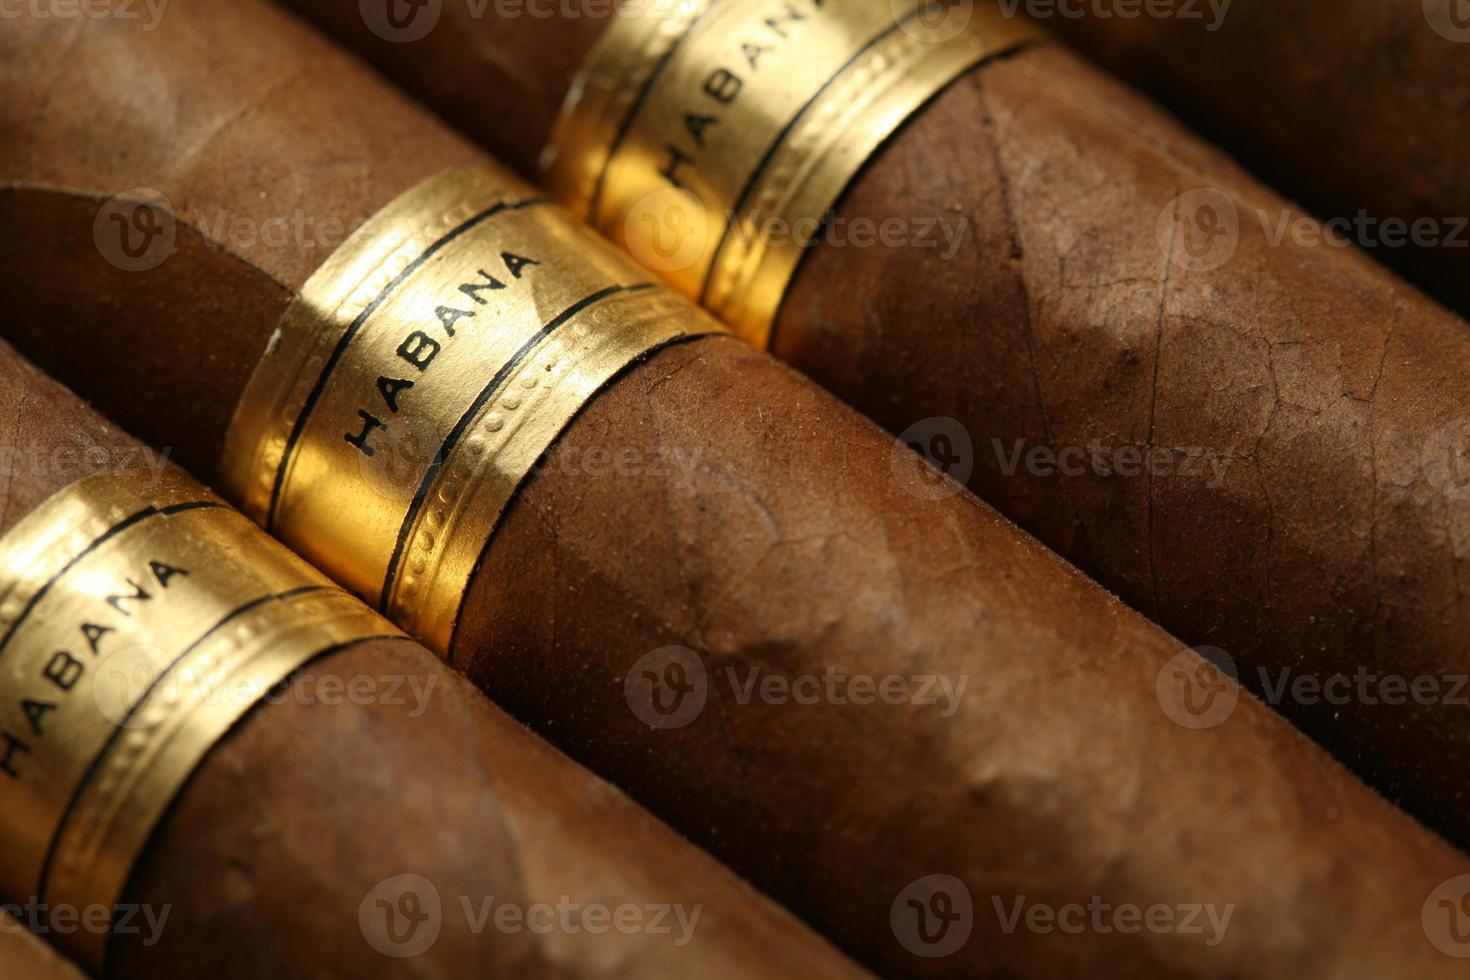 Havana sigaren achtergrondontwerp foto